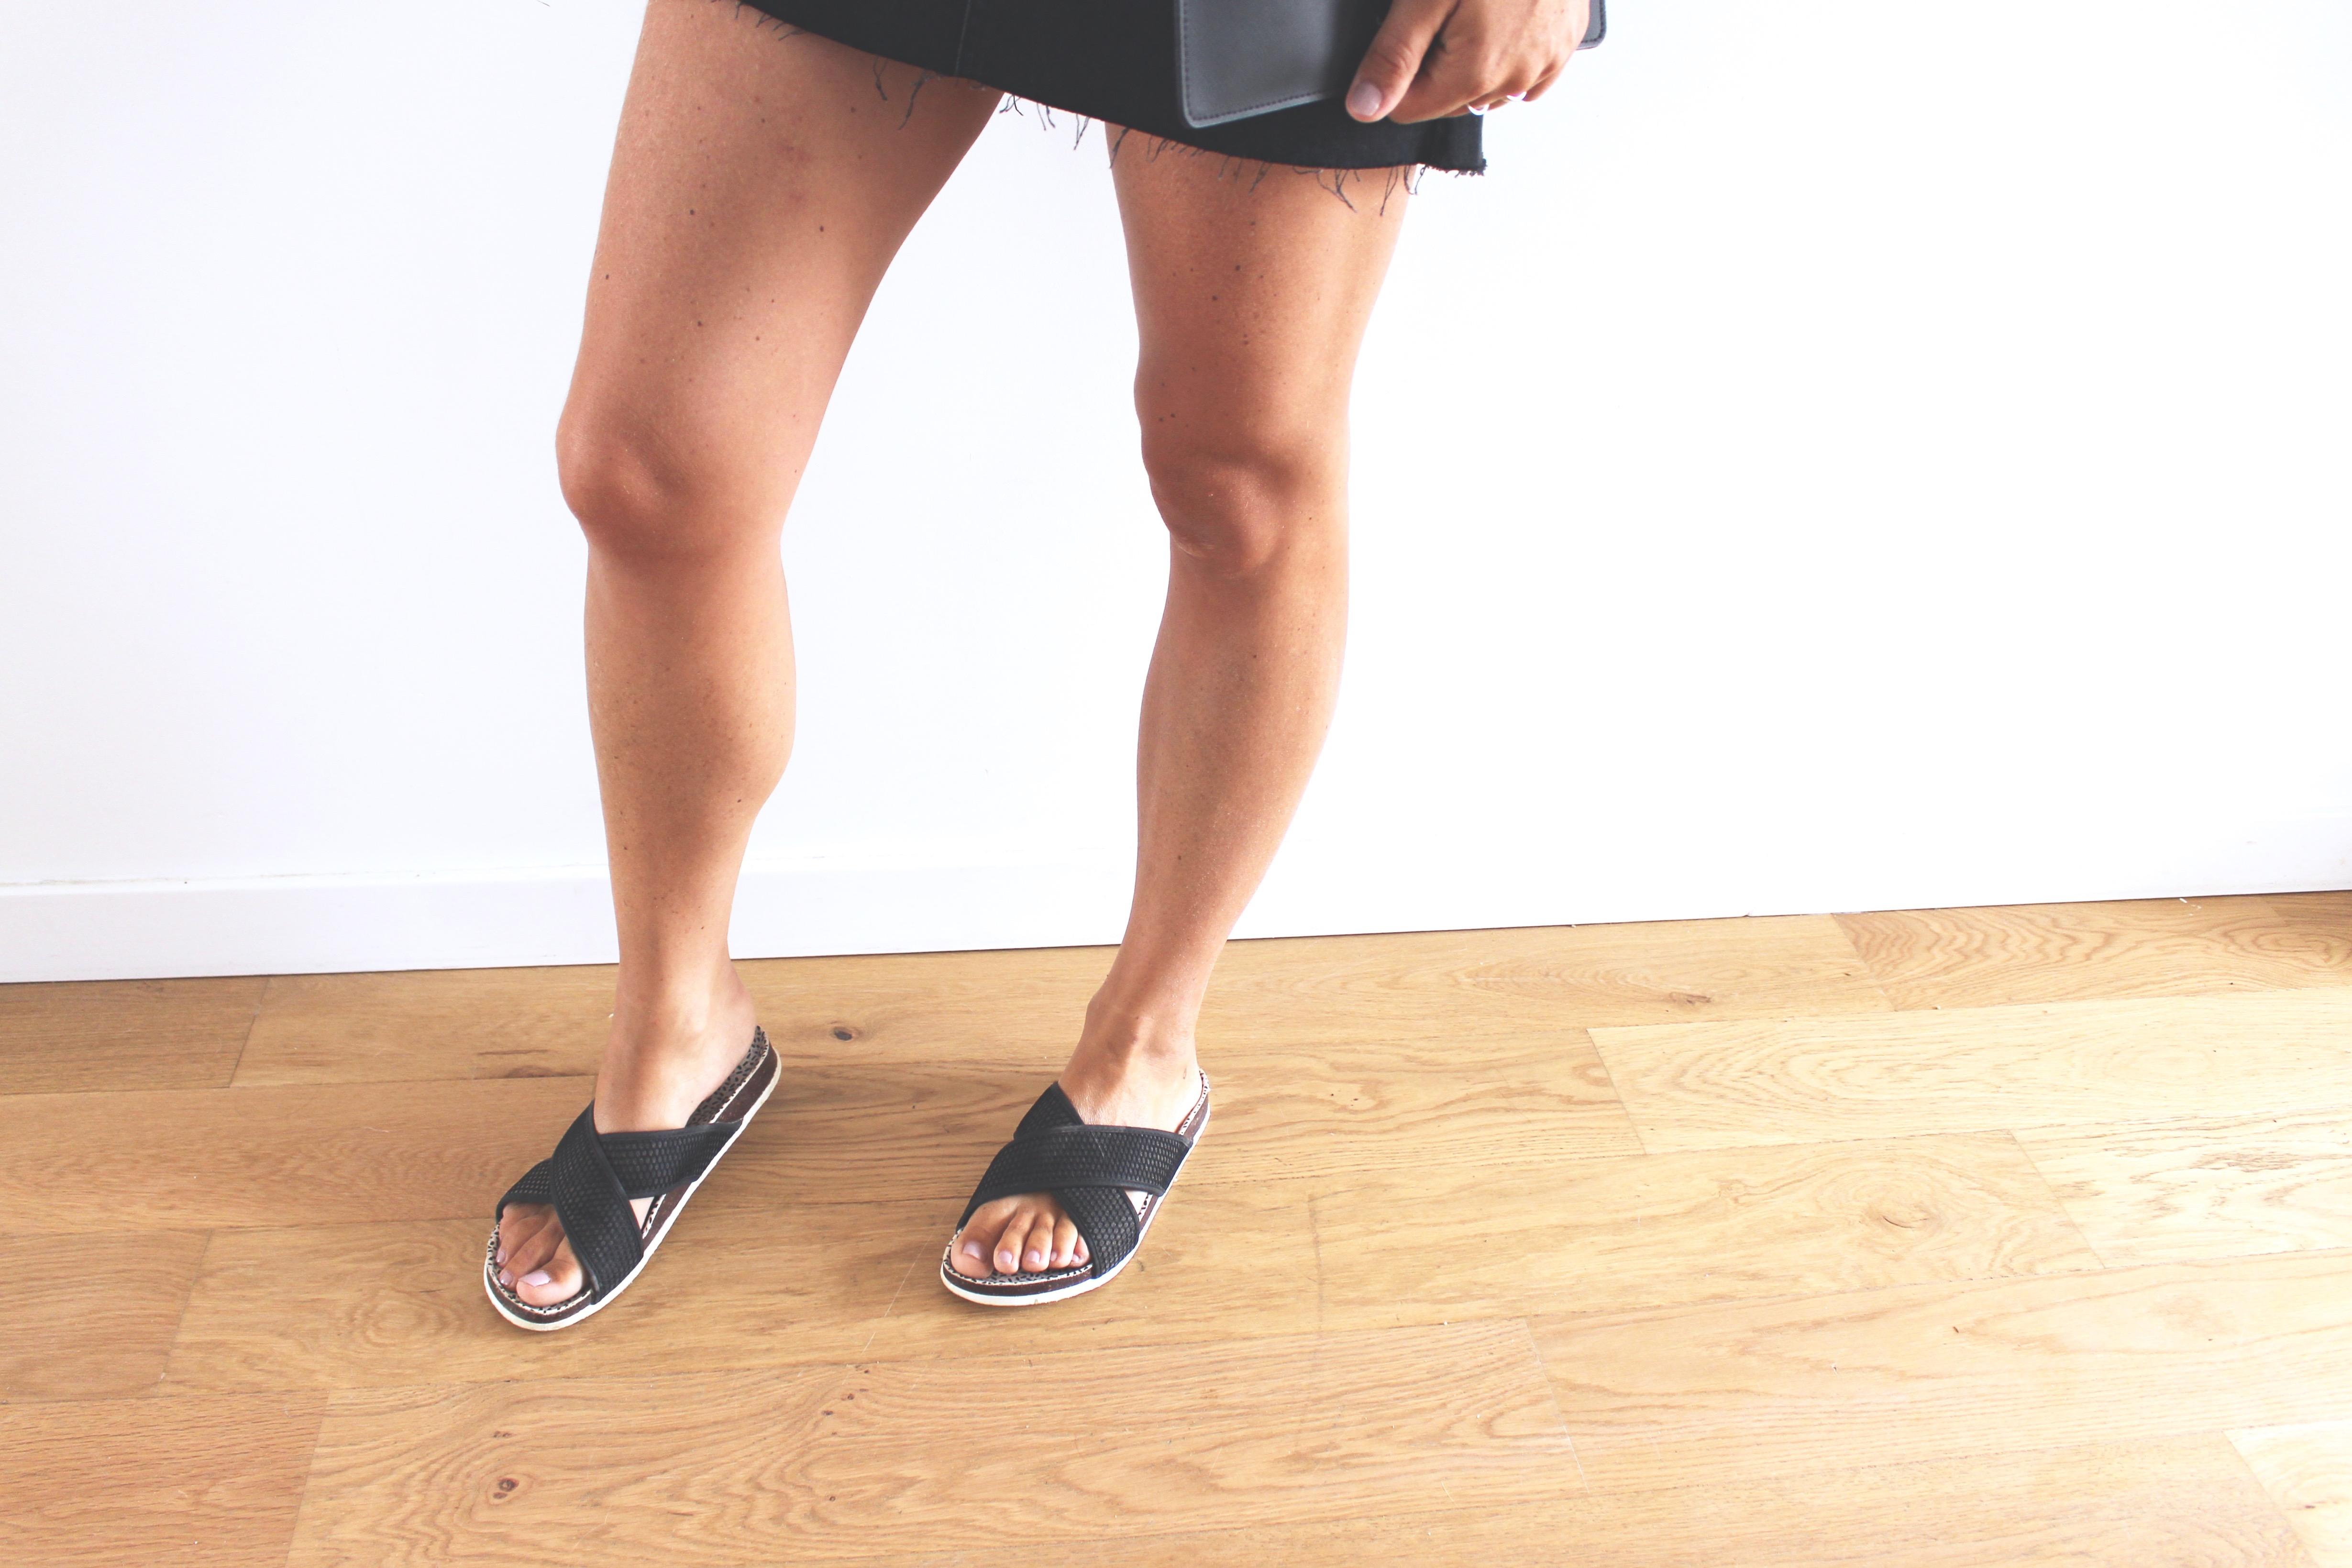 nus pieds kiabi